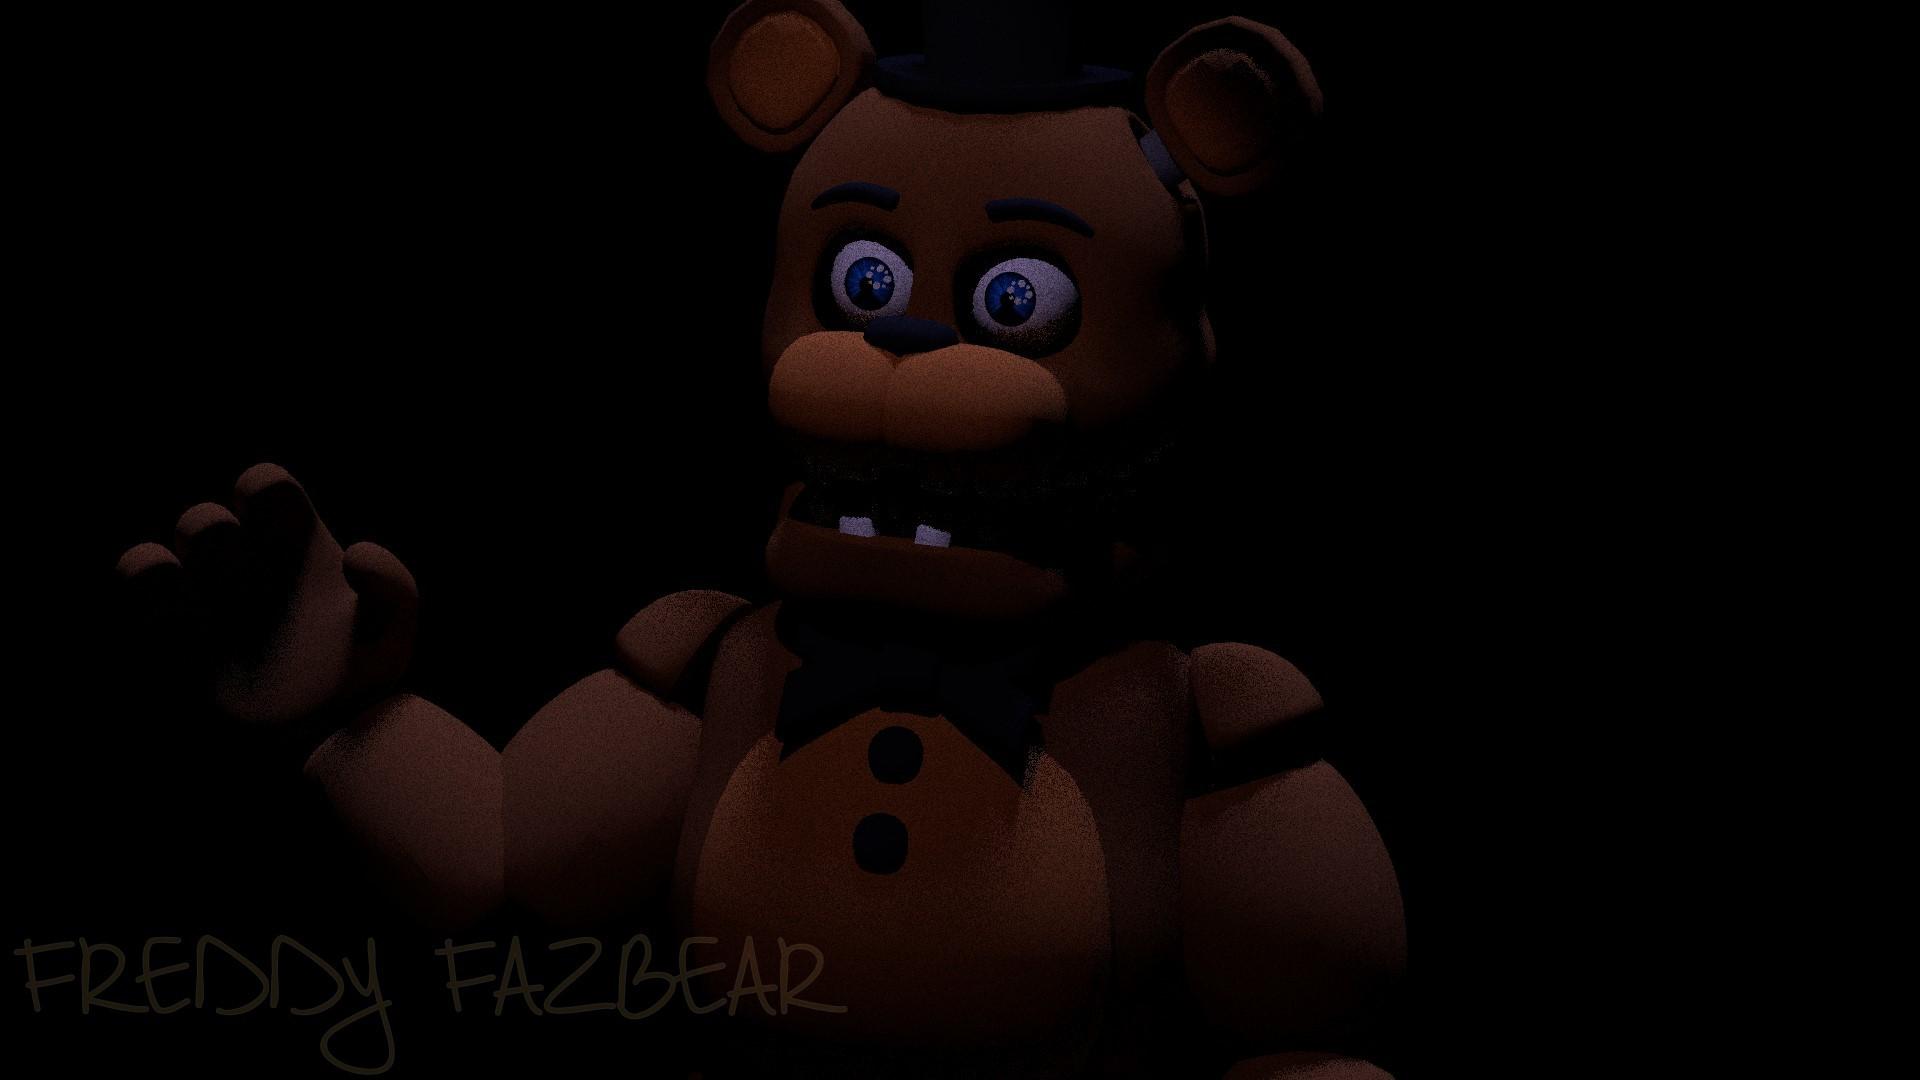 Unwithered Freddy Fazbear by GameBennie Unwithered Freddy Fazbear by  GameBennie